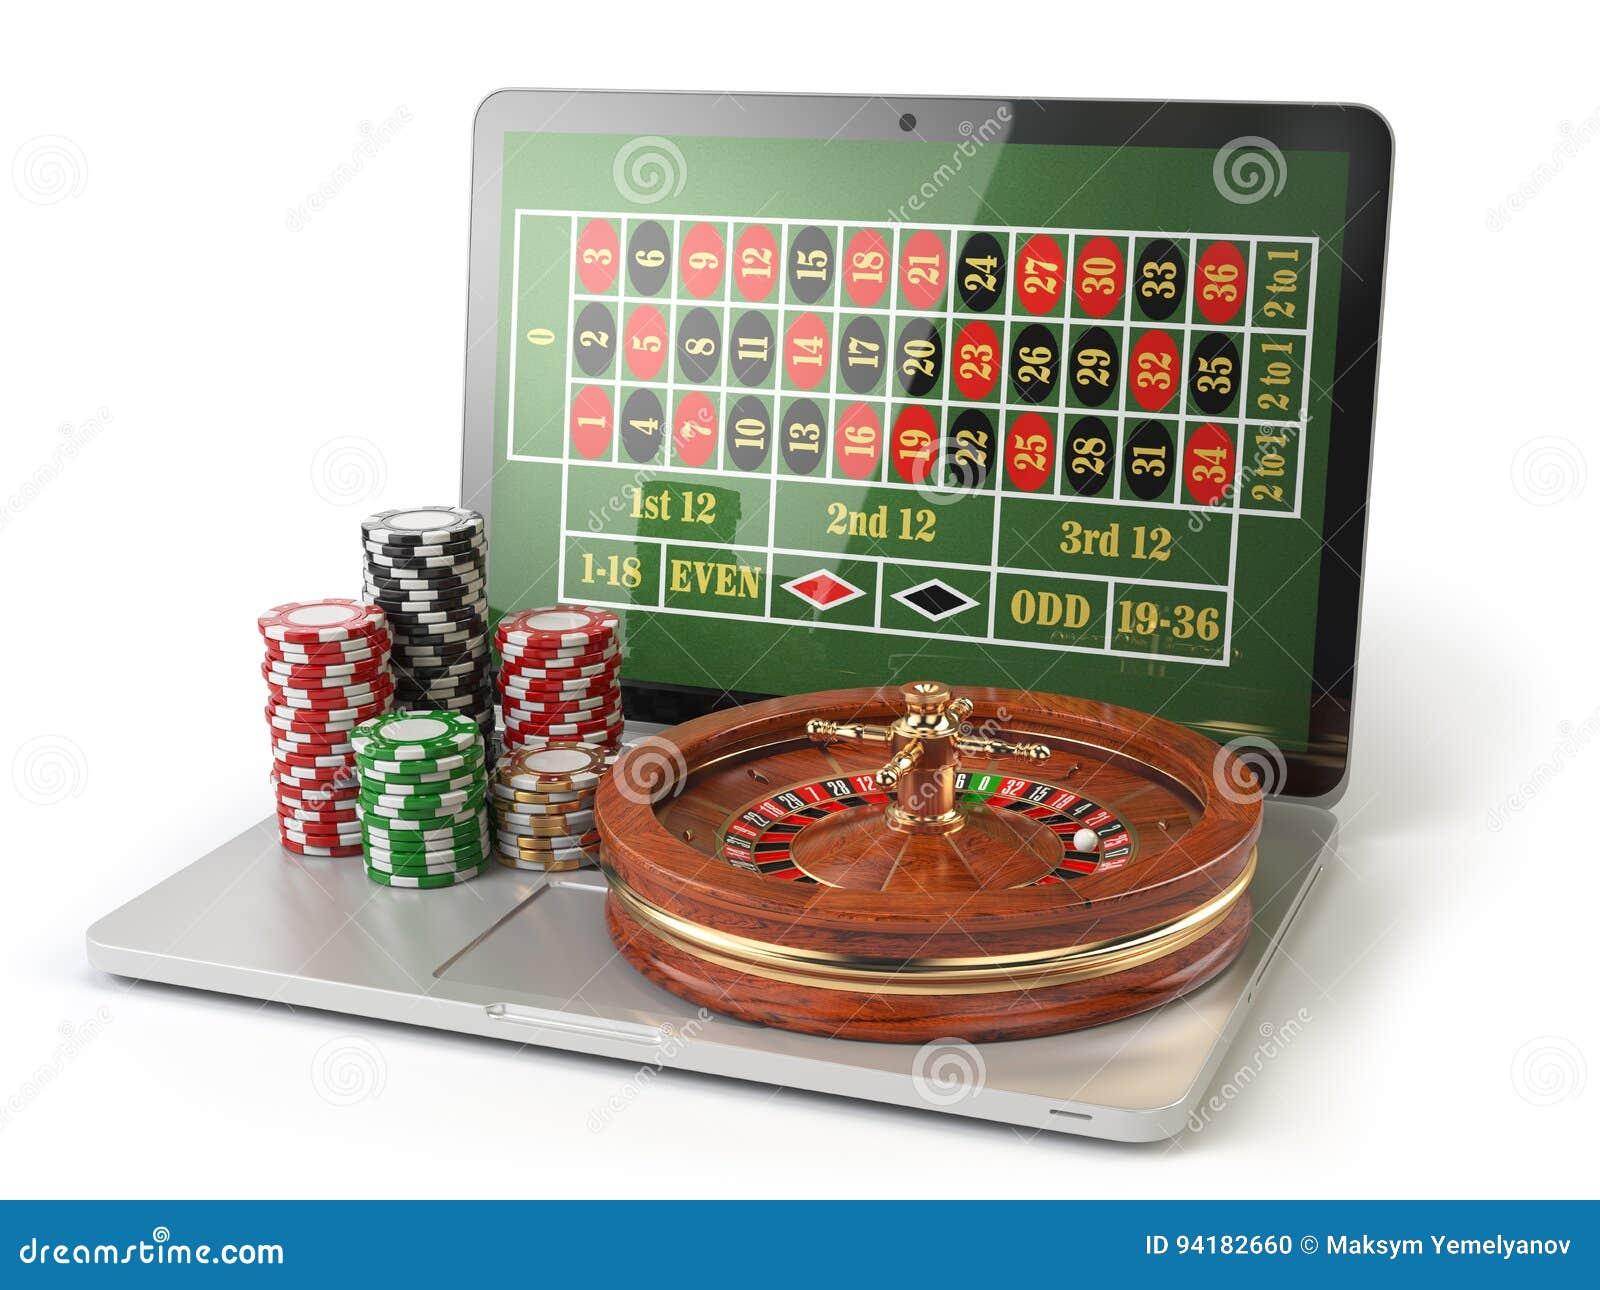 Roleta poker privacidade casino 13446